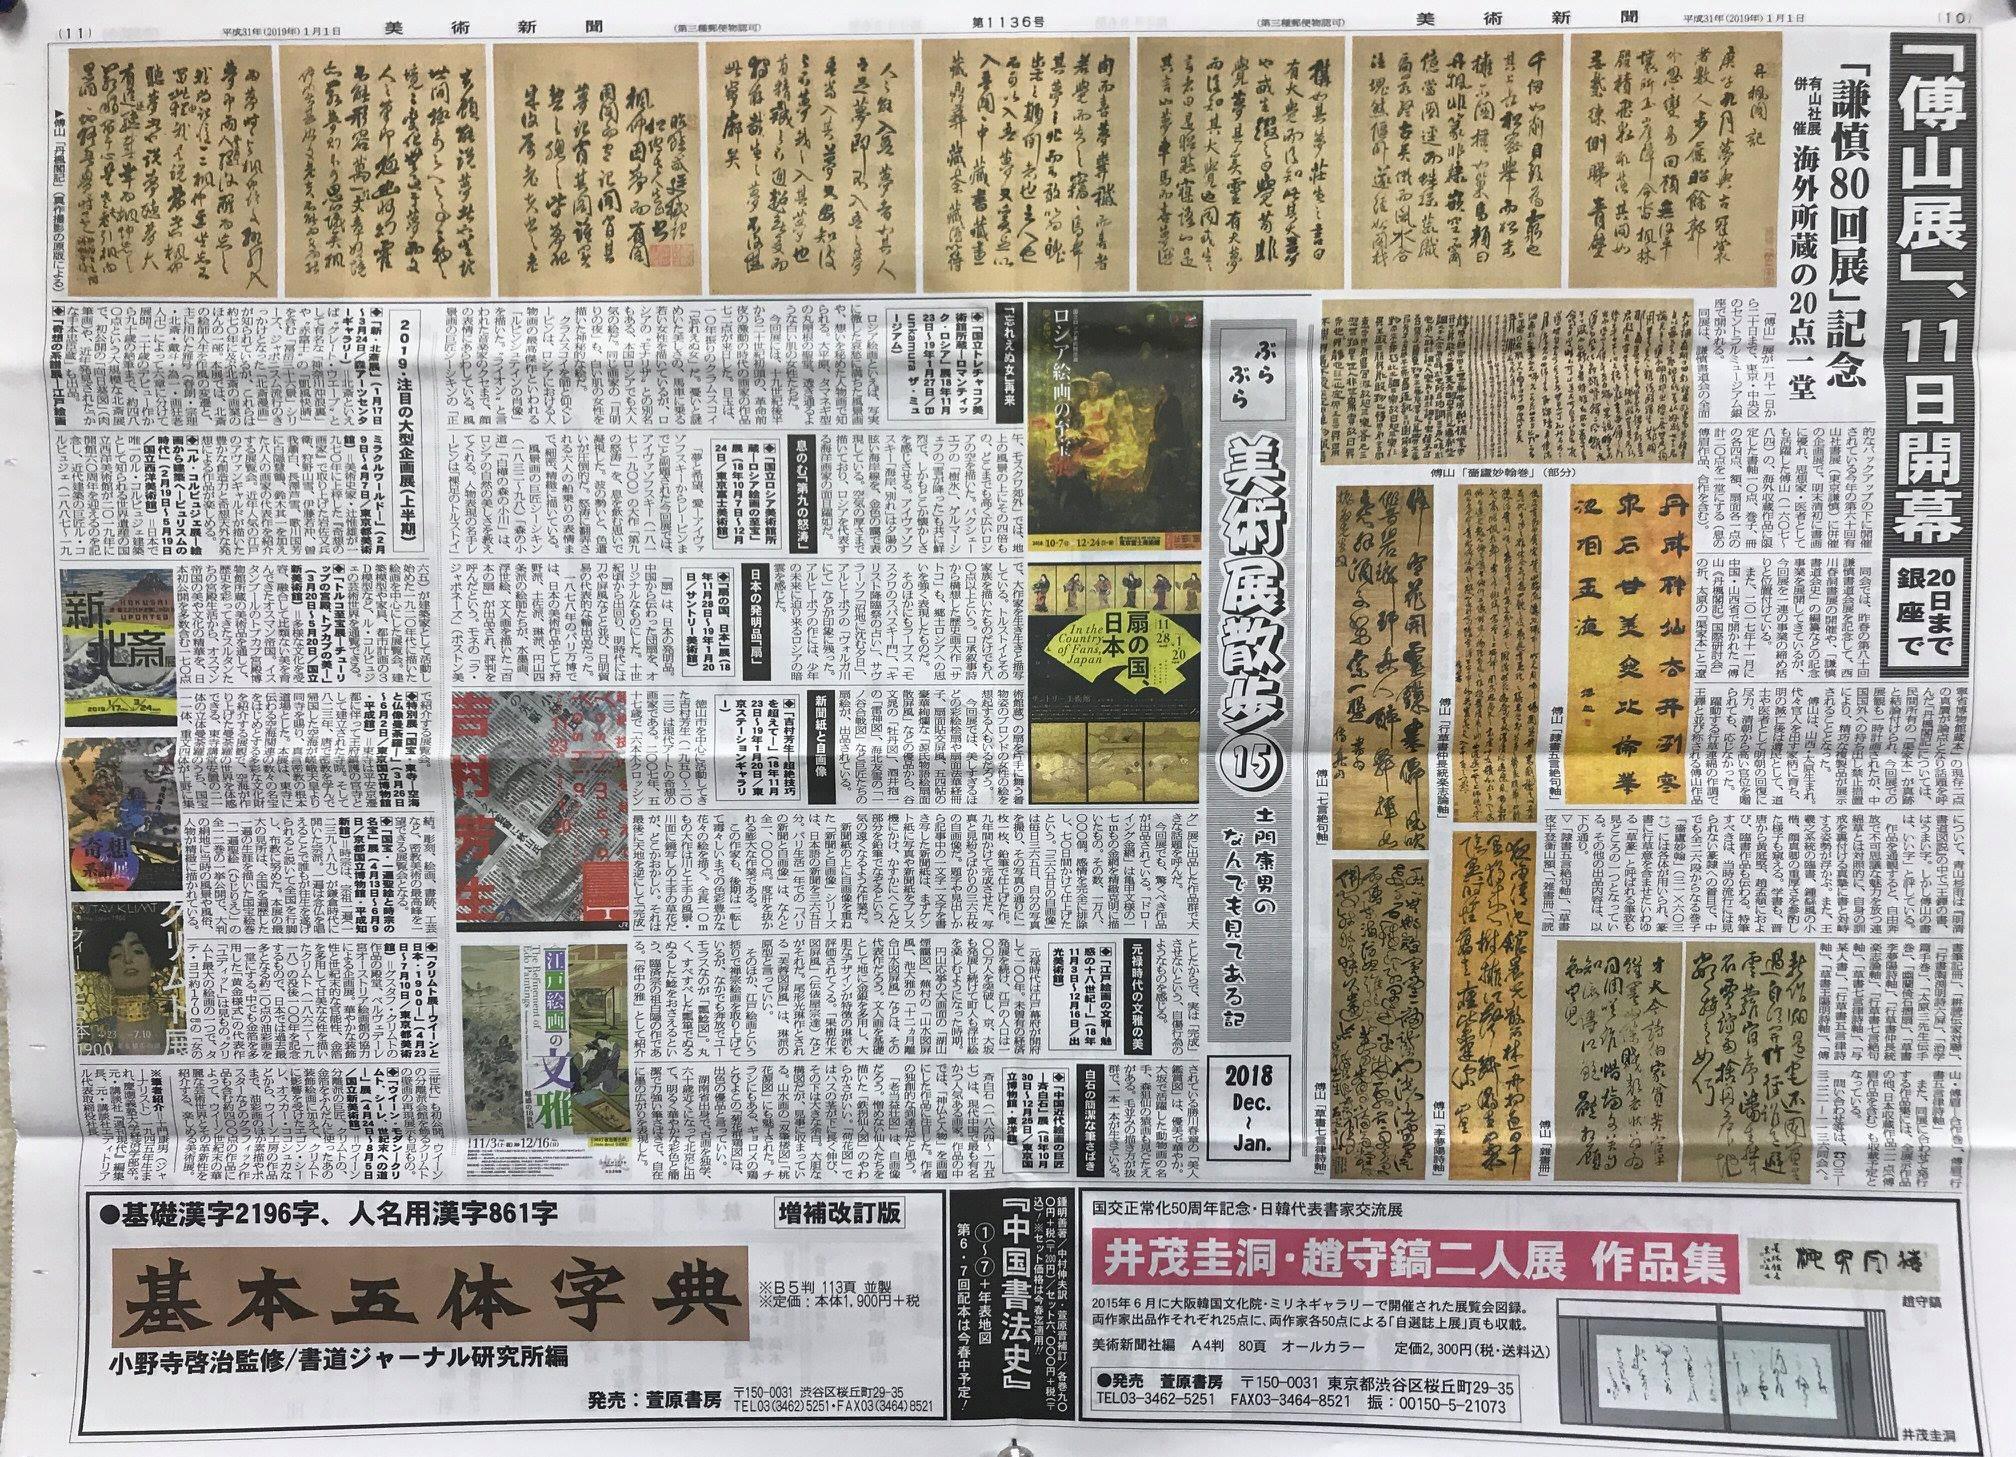 日本美術新聞報2019年1月1日報導